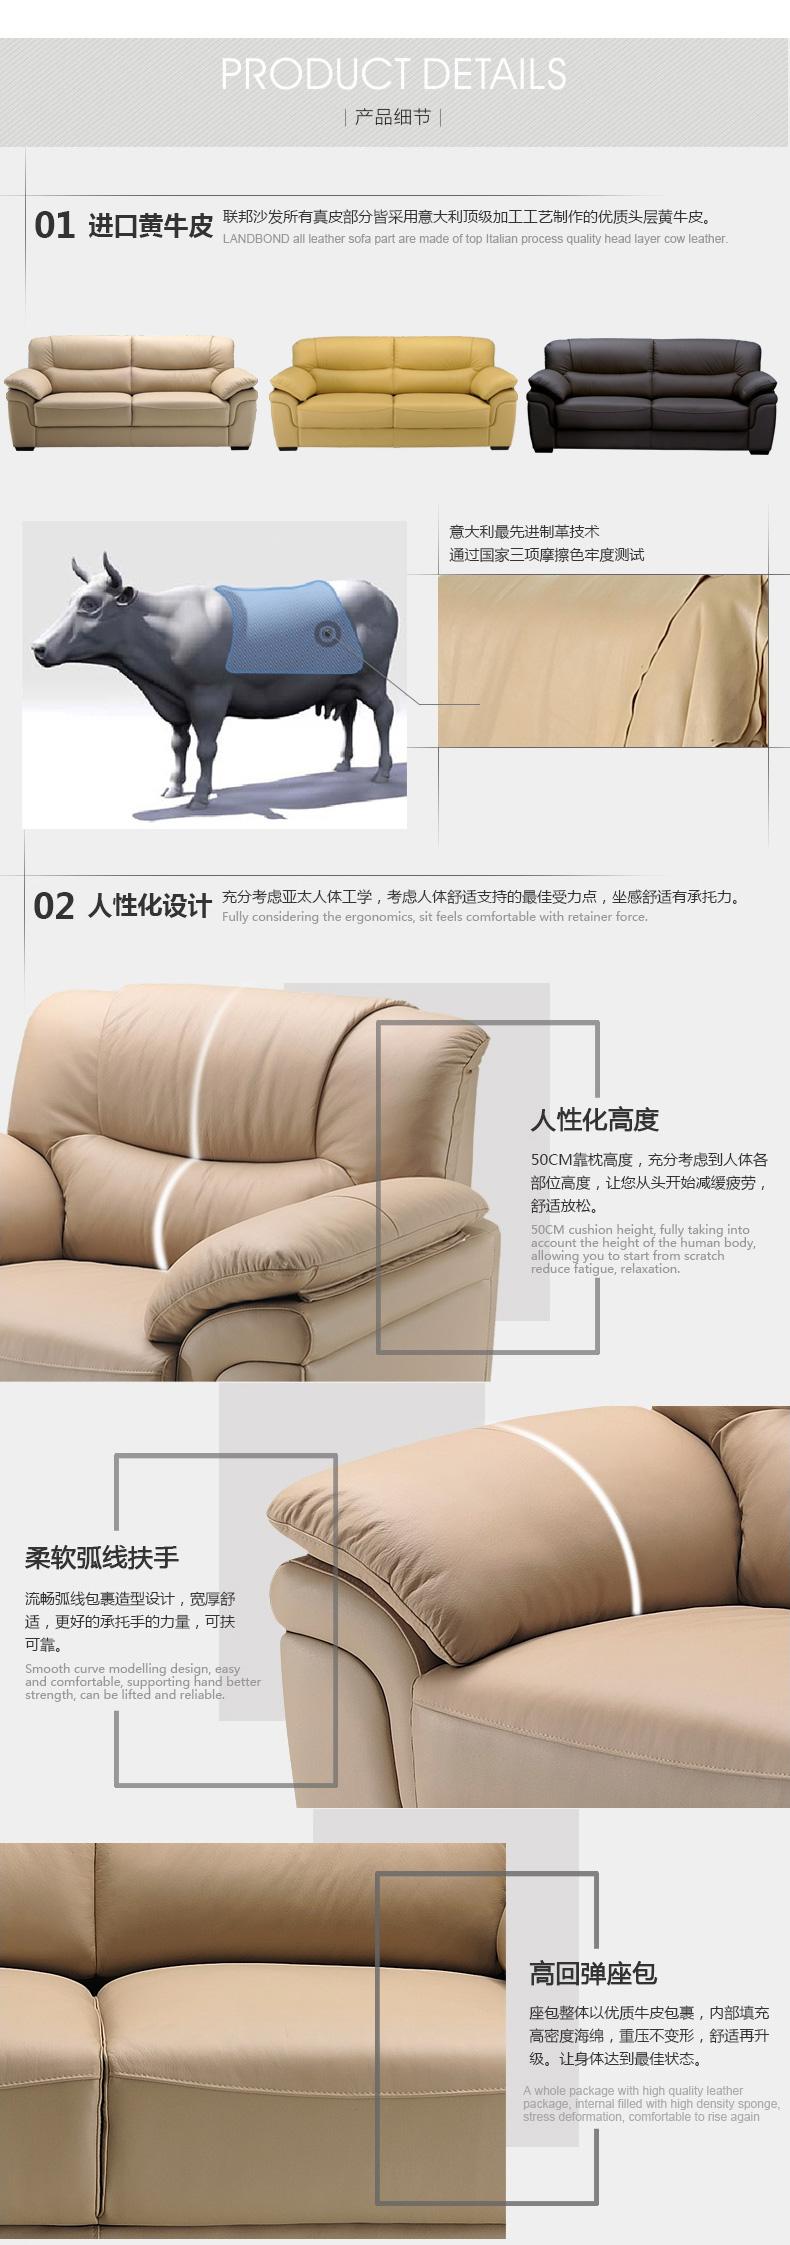 联邦家私-简约现代皮艺沙发-123组合_03.jpg